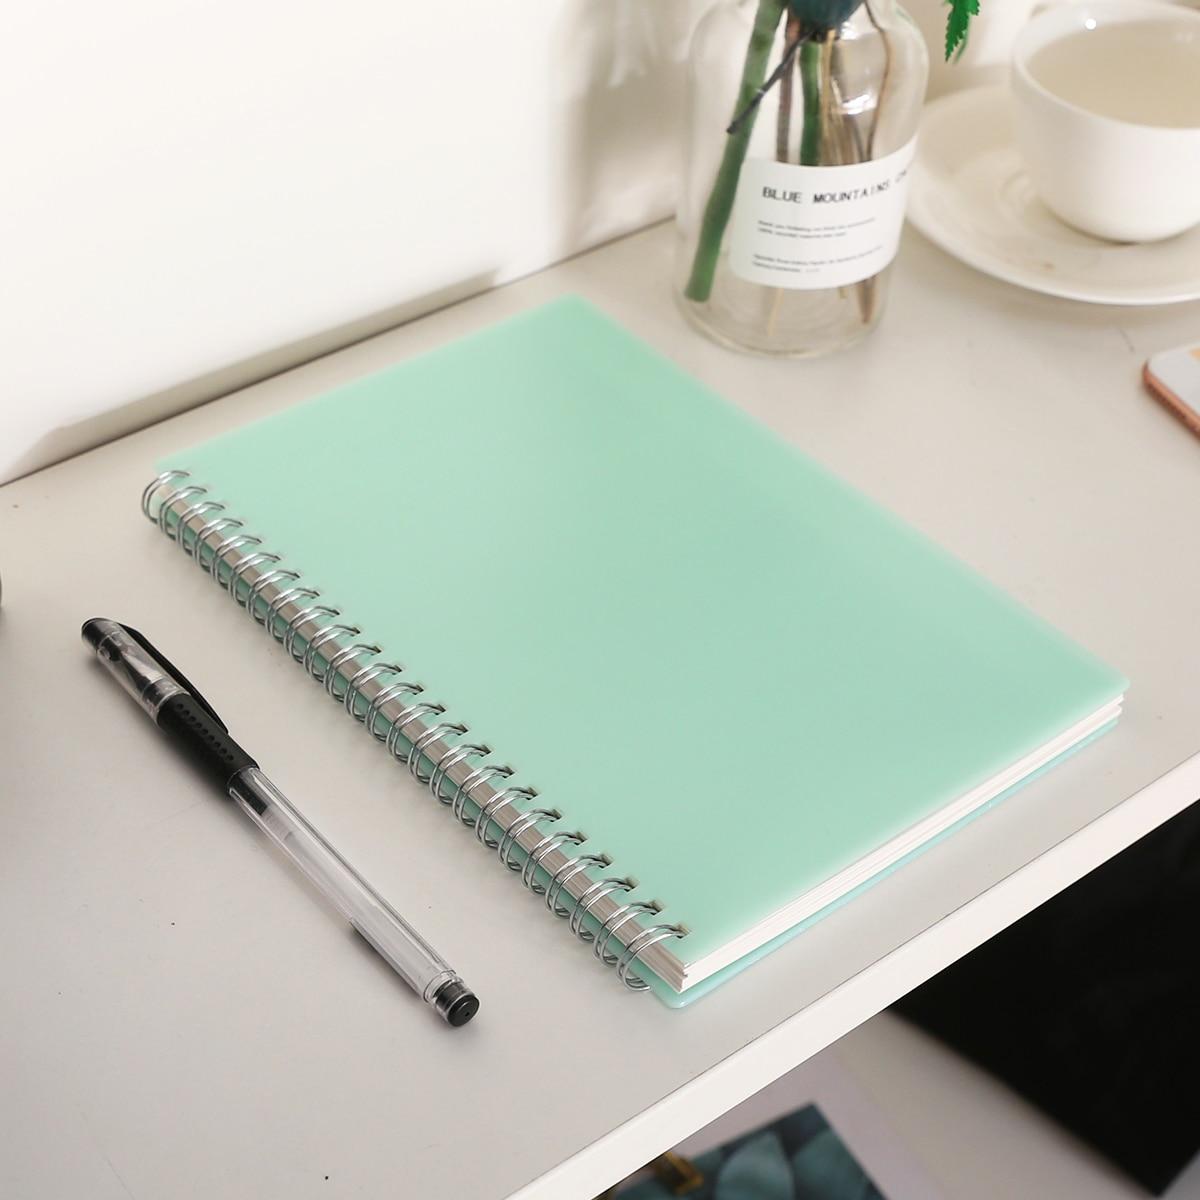 PP bonito Caderno de Capa Dura Em Faixas Dot Grade Espiral A5 Fornecimento de Papelaria Caderno Diário Memos para Estudante Da Escola